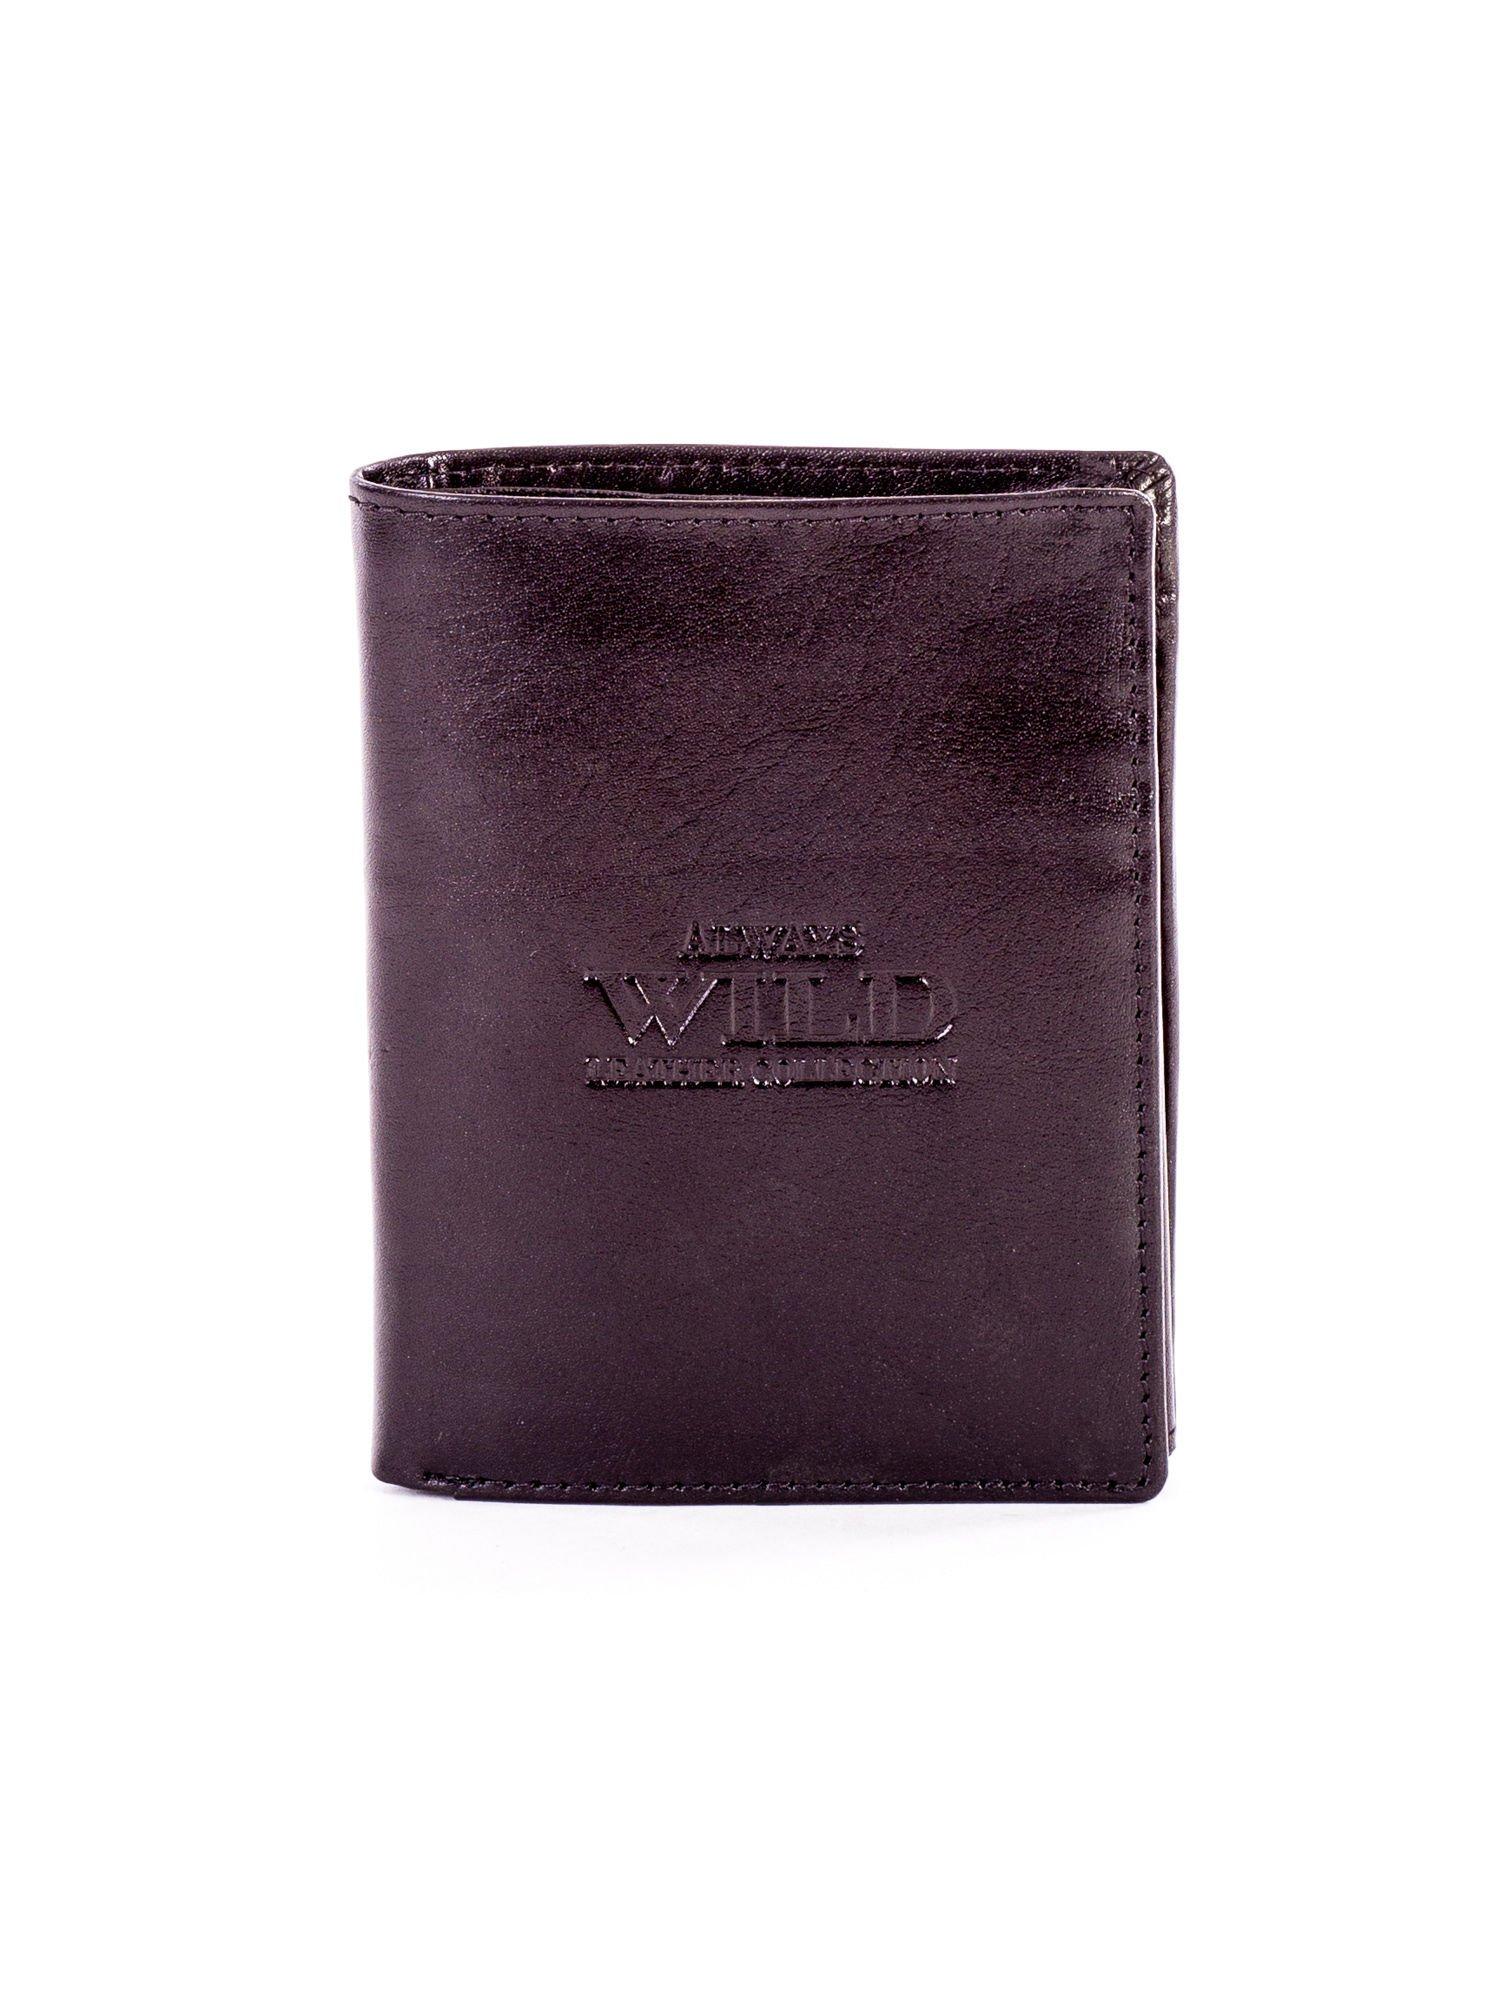 60f6d001f6646 Czarny skórzany portfel dla mężczyzny z tłoczeniem - Mężczyźni ...